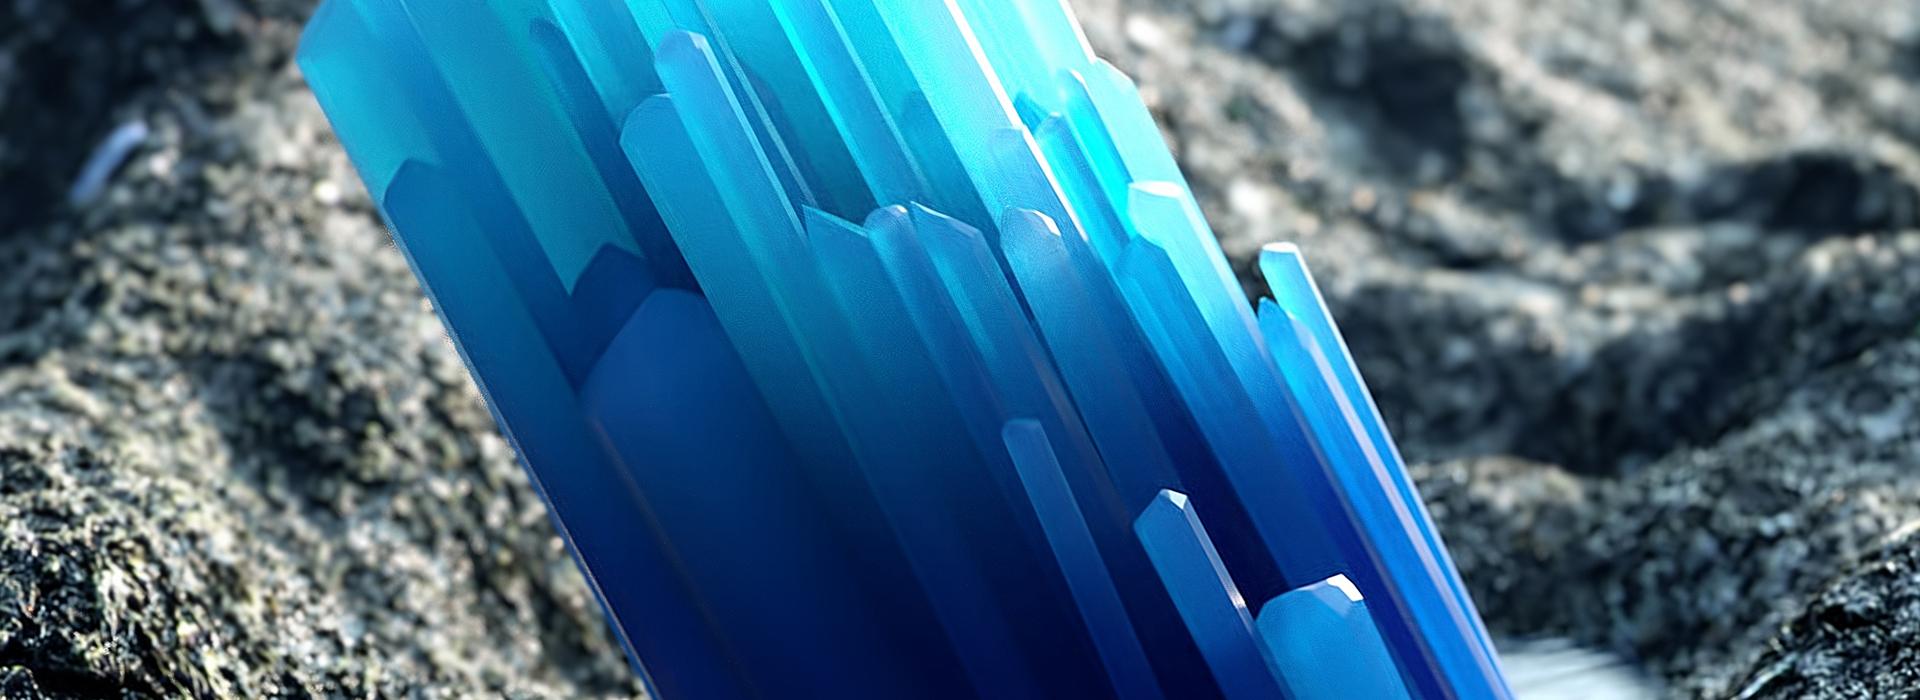 crystal_dip_header_01.jpg